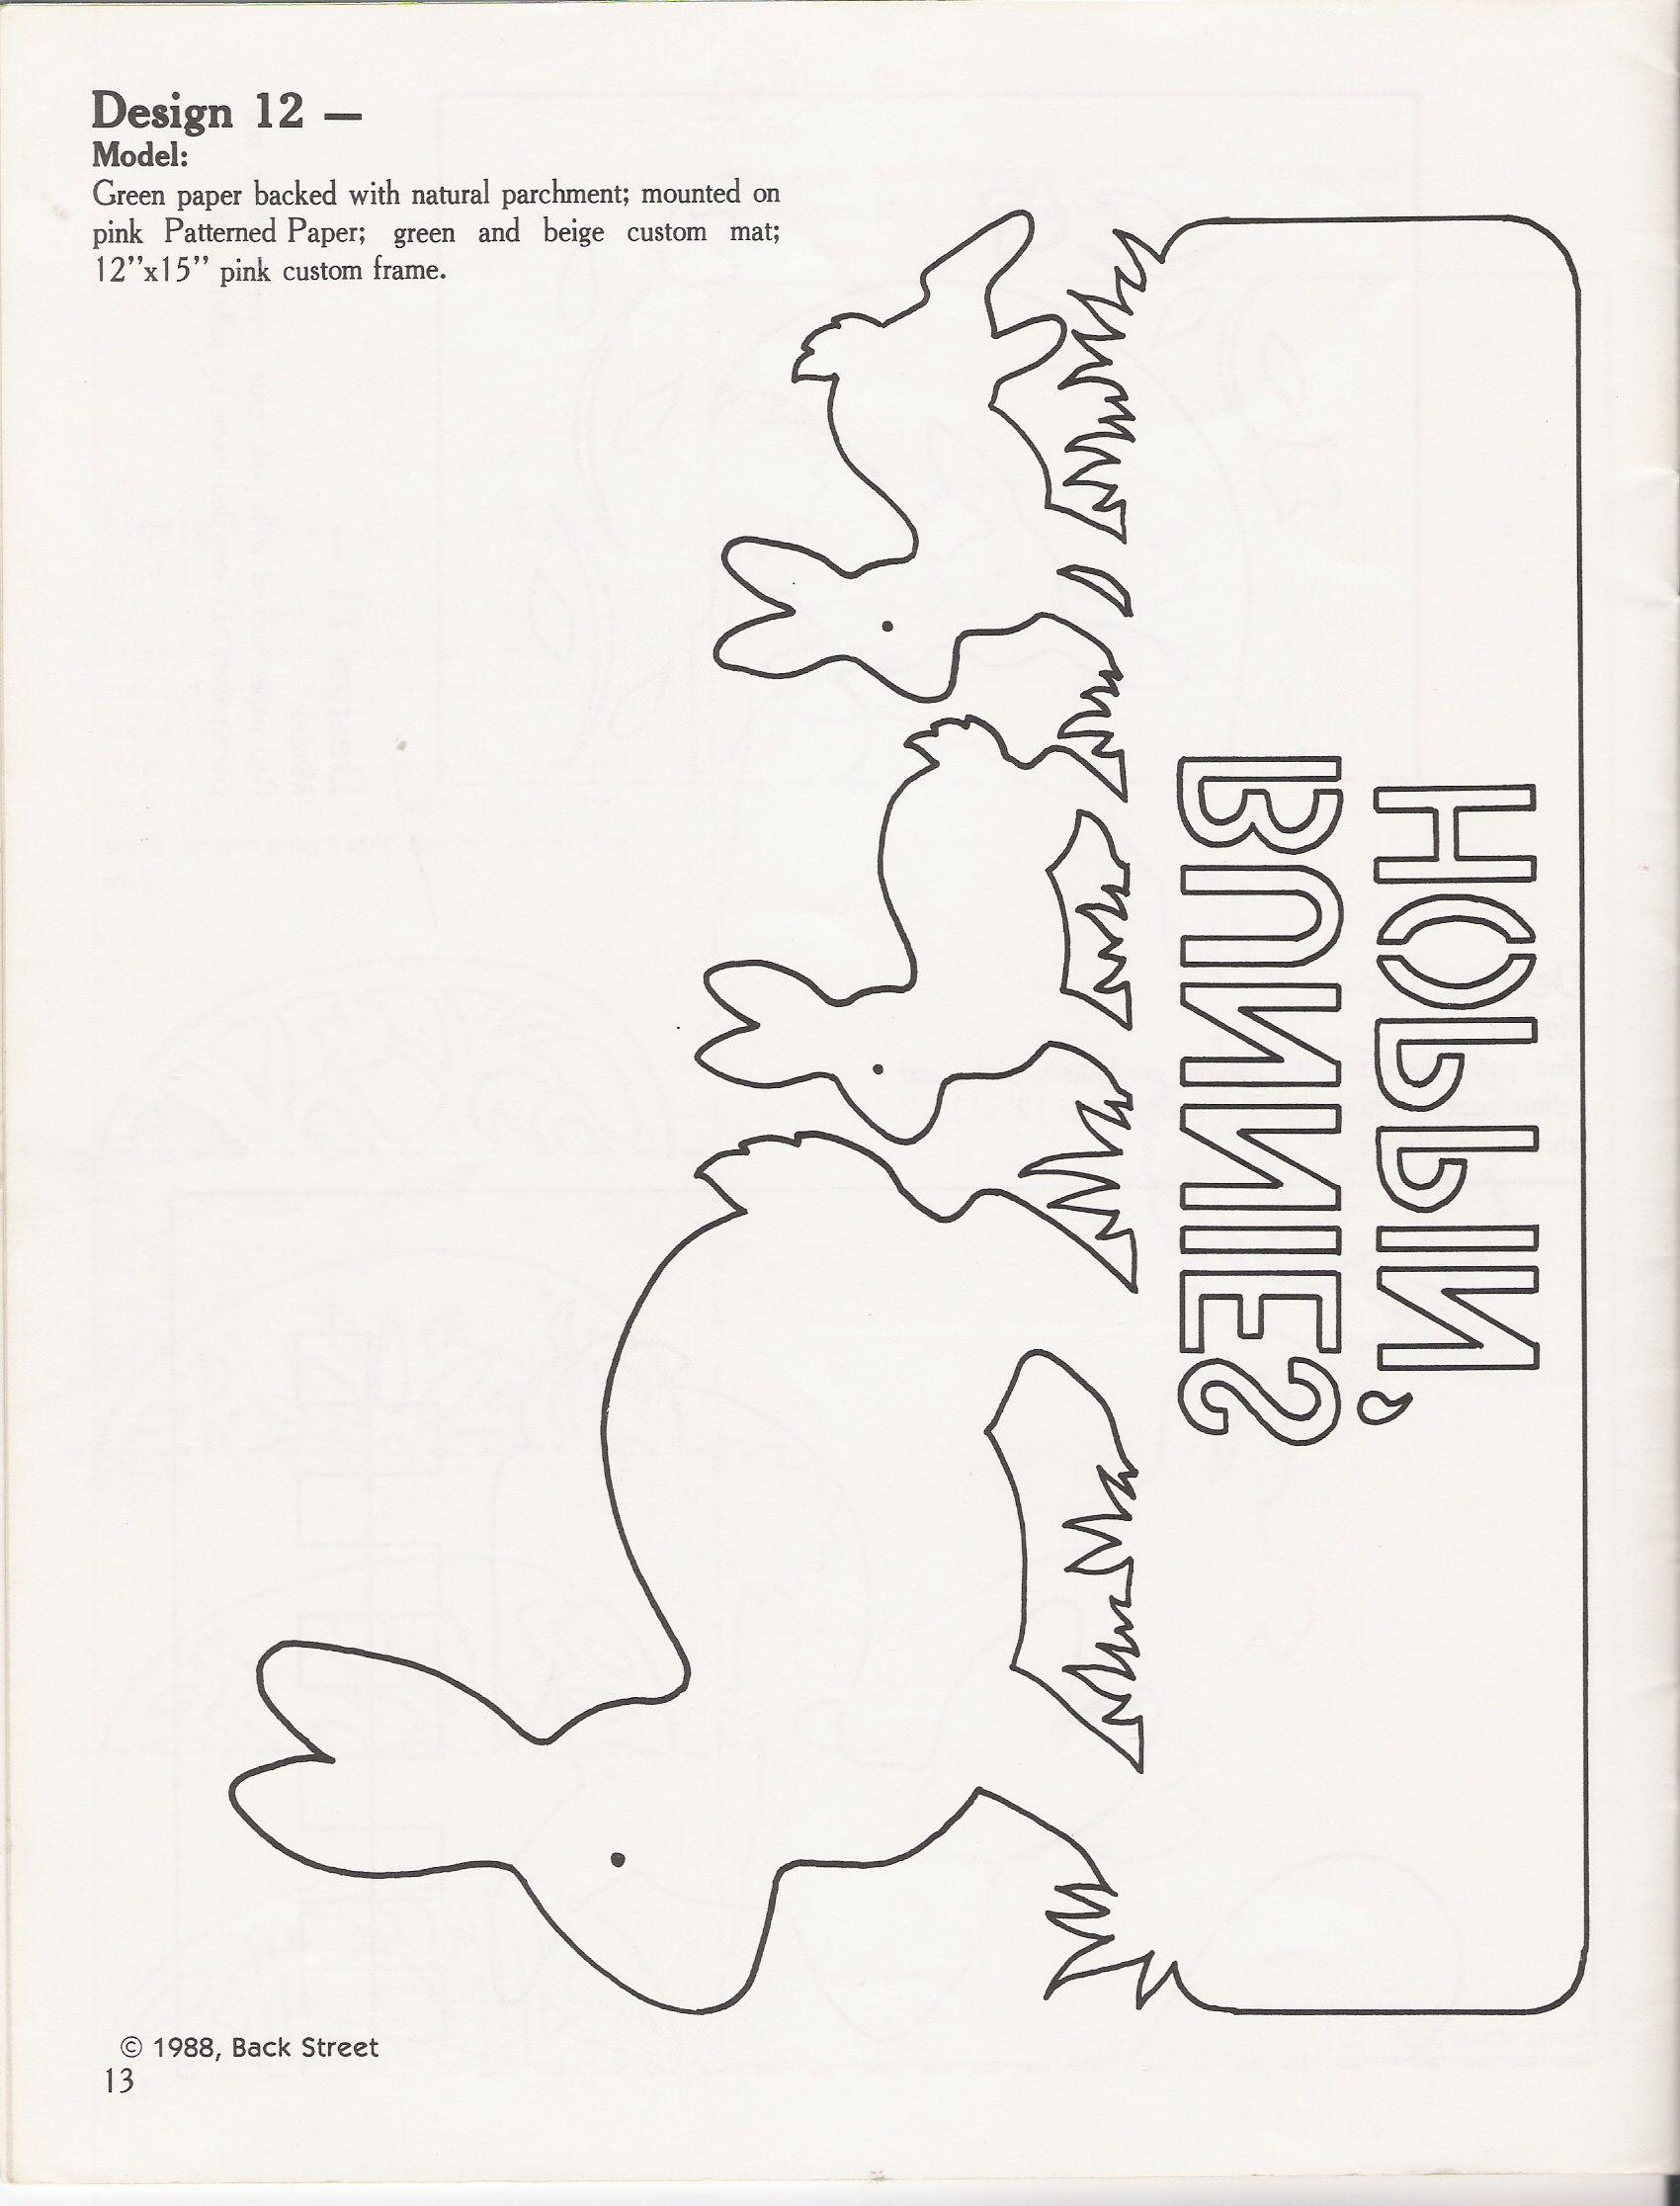 Трафареты для пасхальной открытки в технике киригами, открытки виды ростова-на-дону